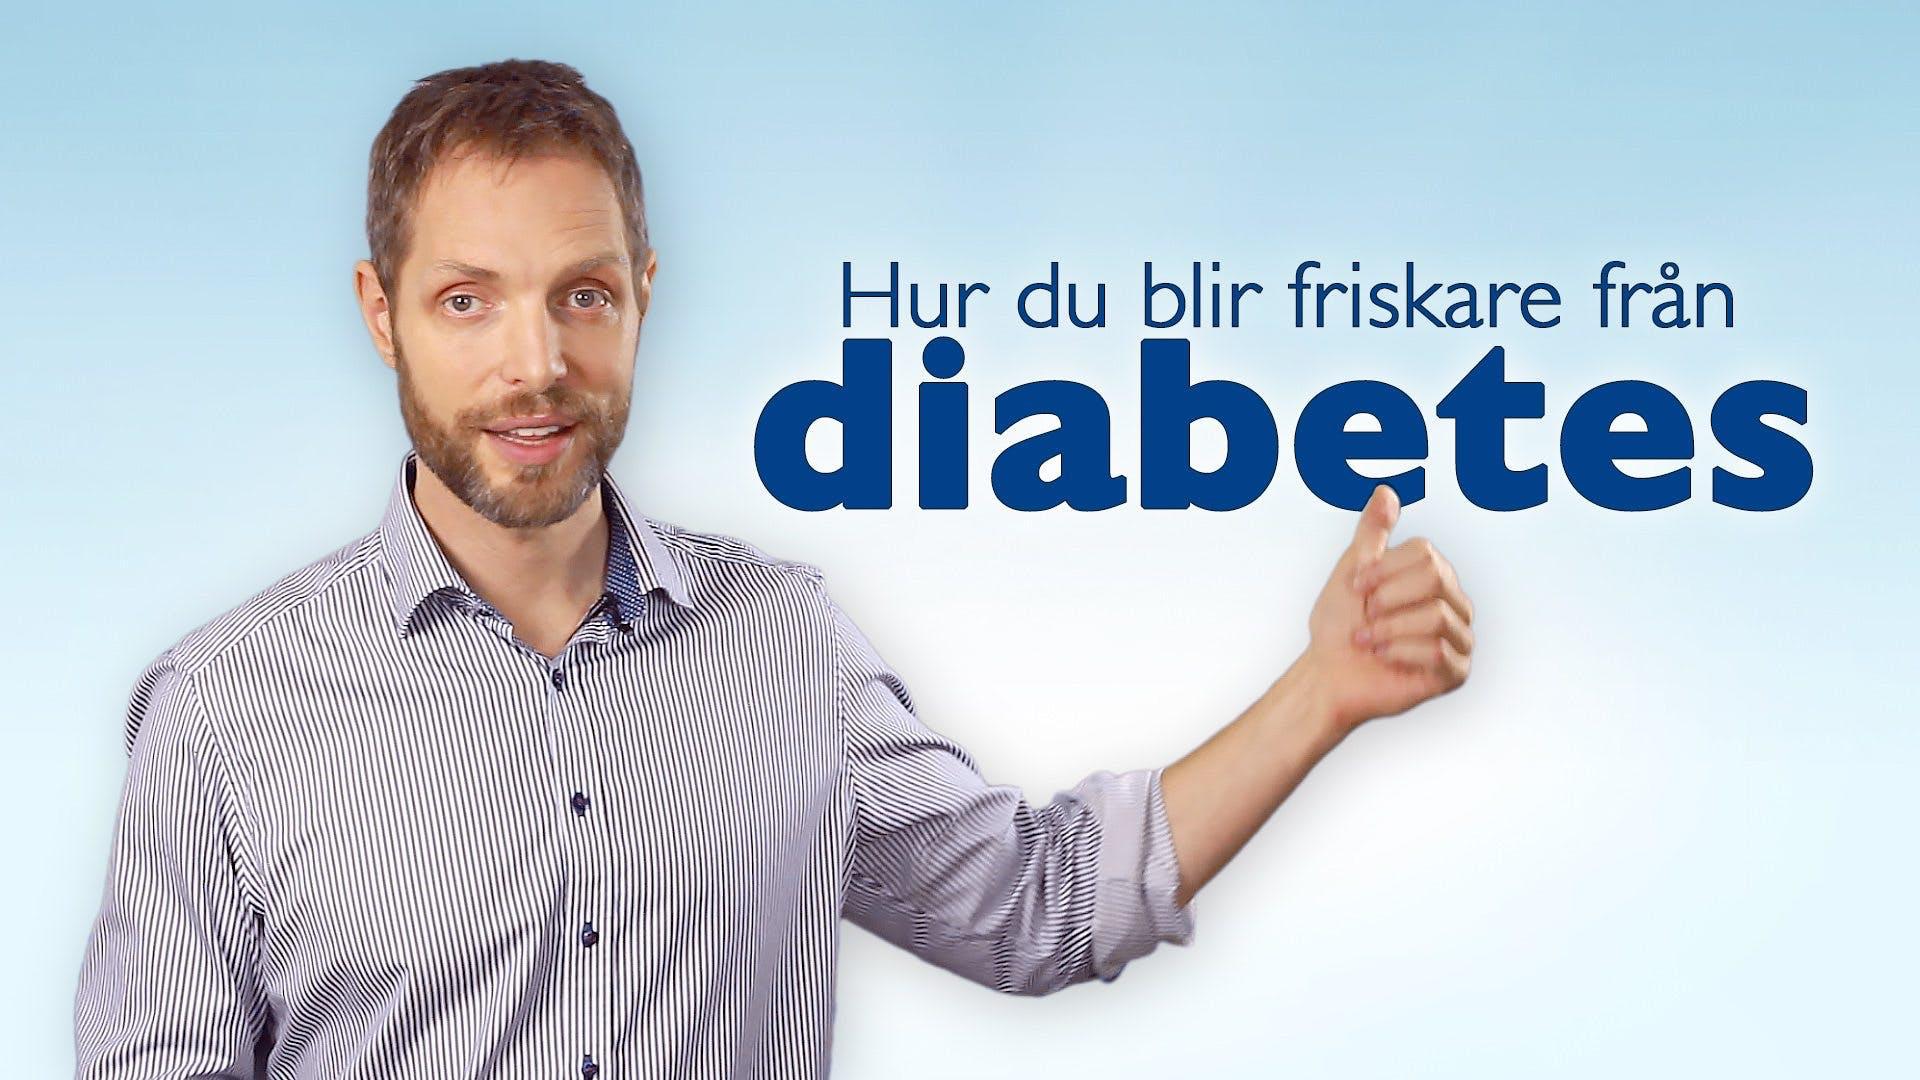 Hur du blir friskare från diabetes